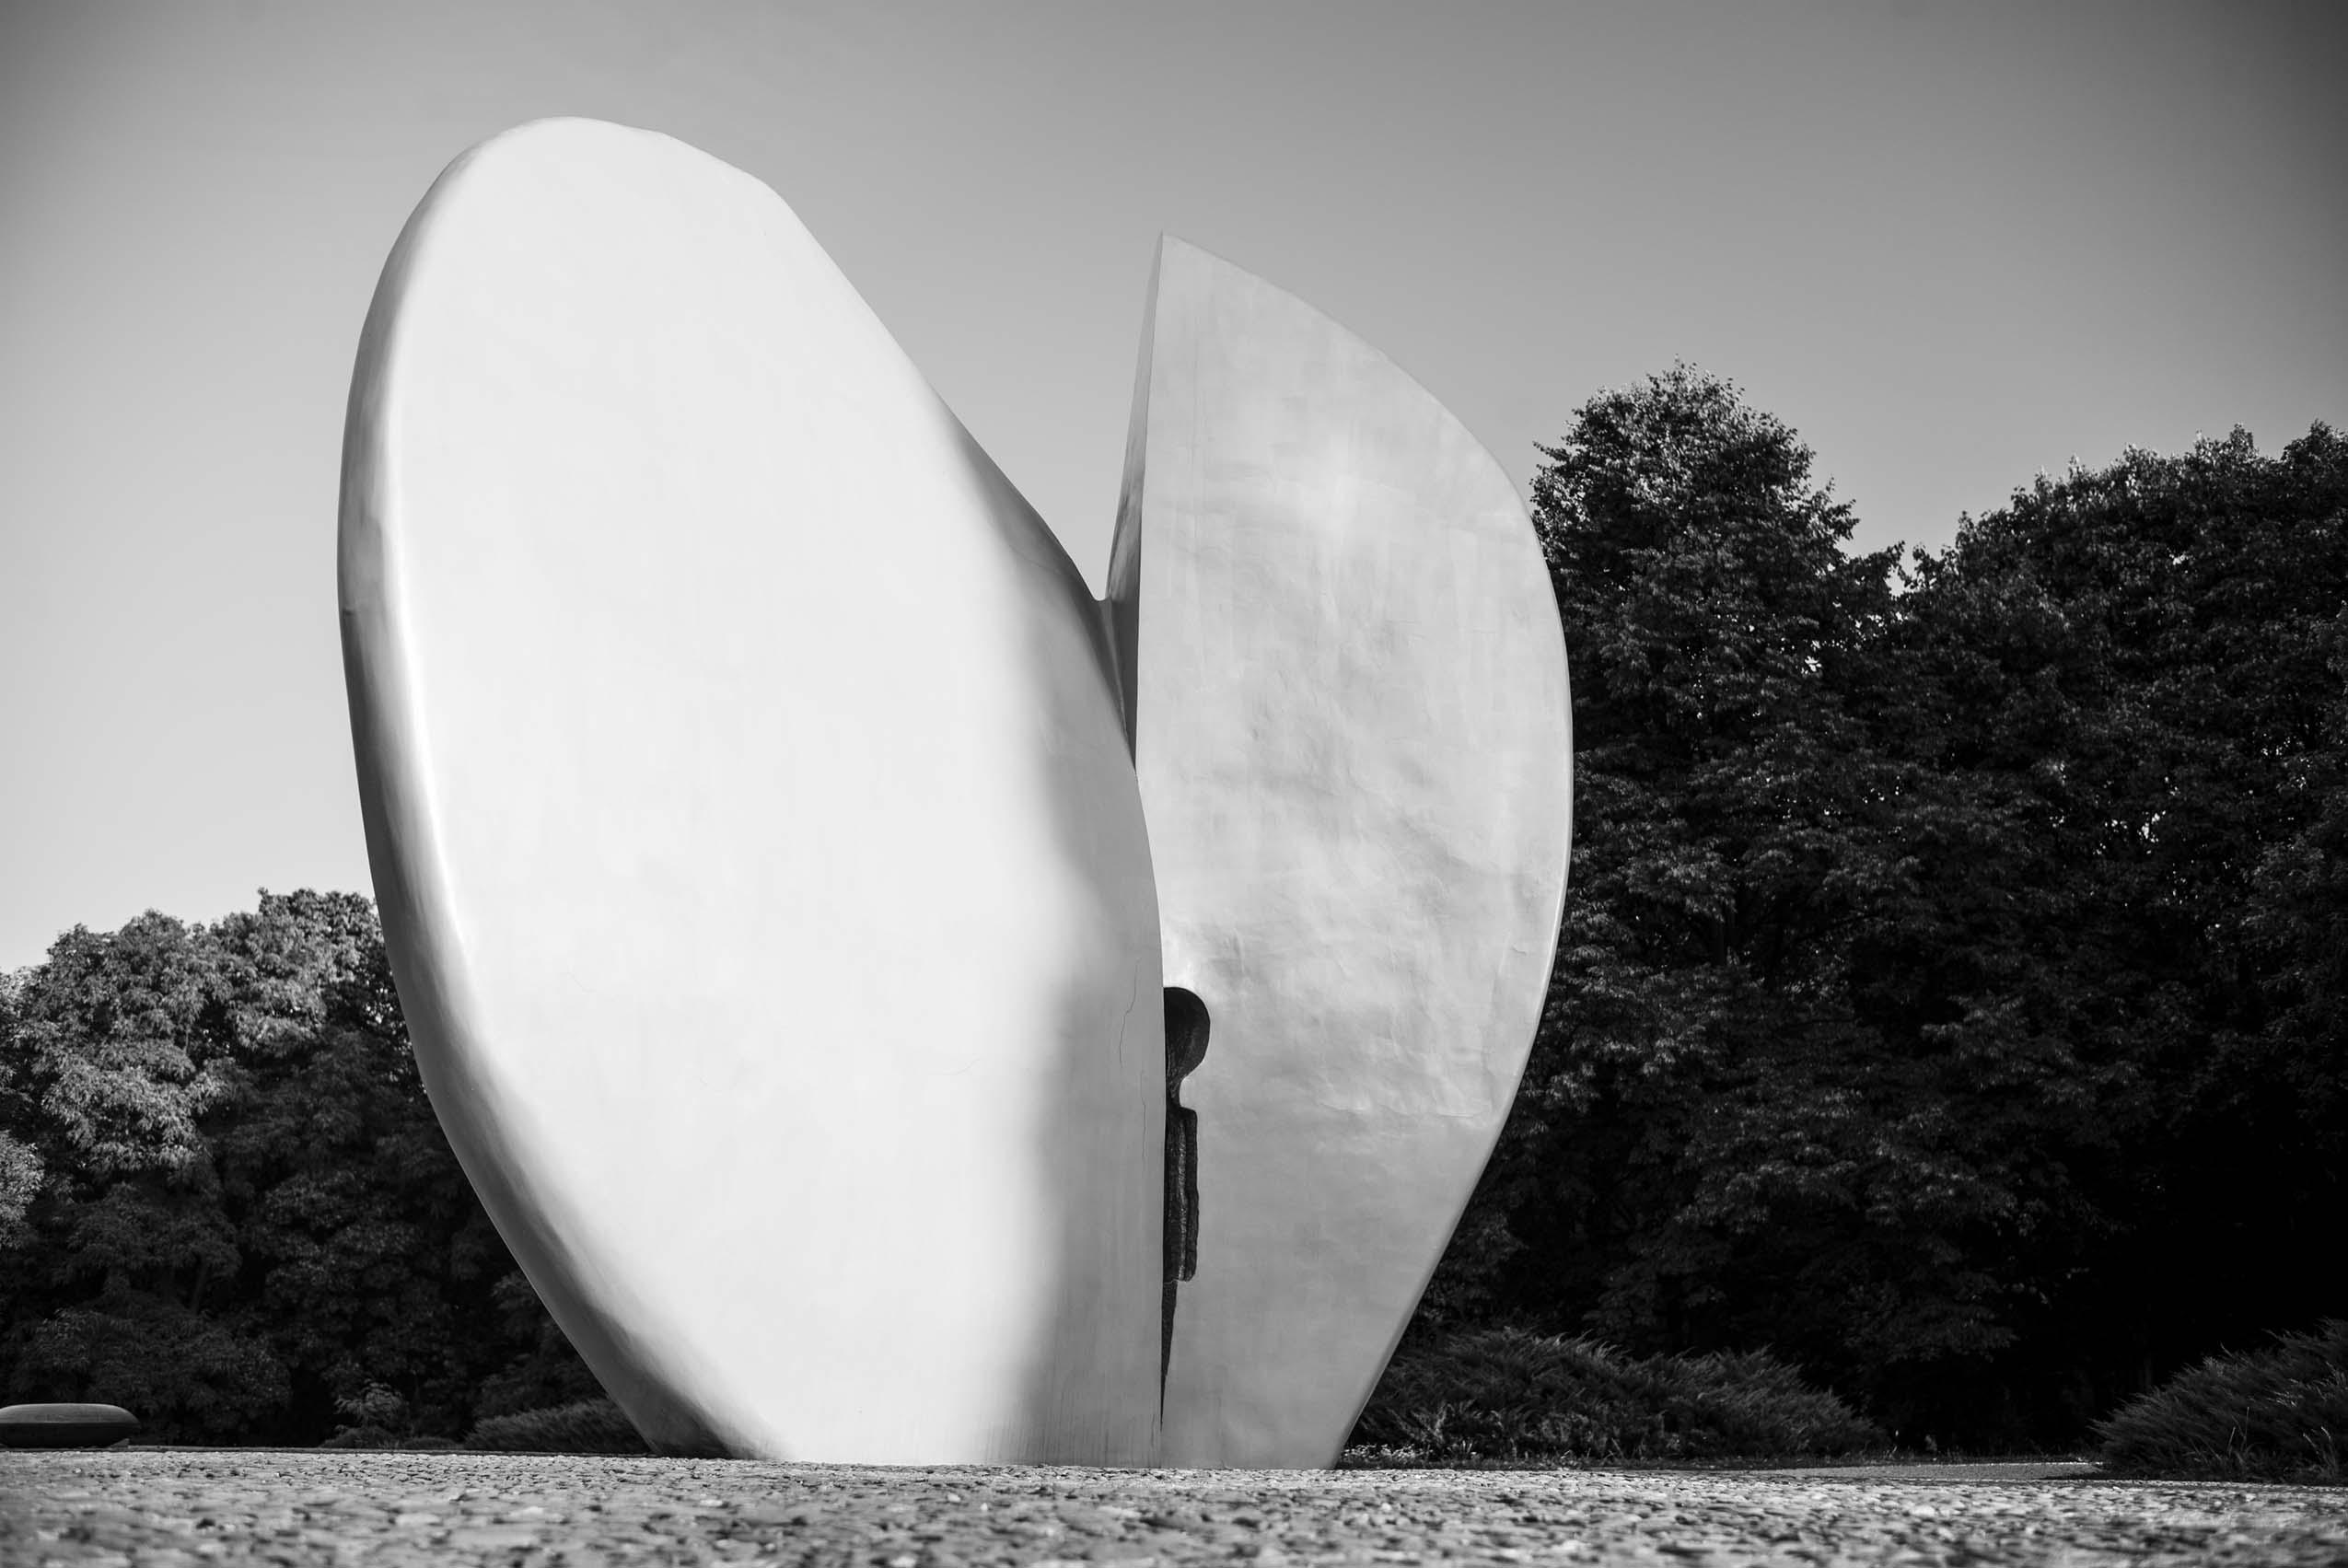 czarno-białe zdjęcie przedstawiające pomnik